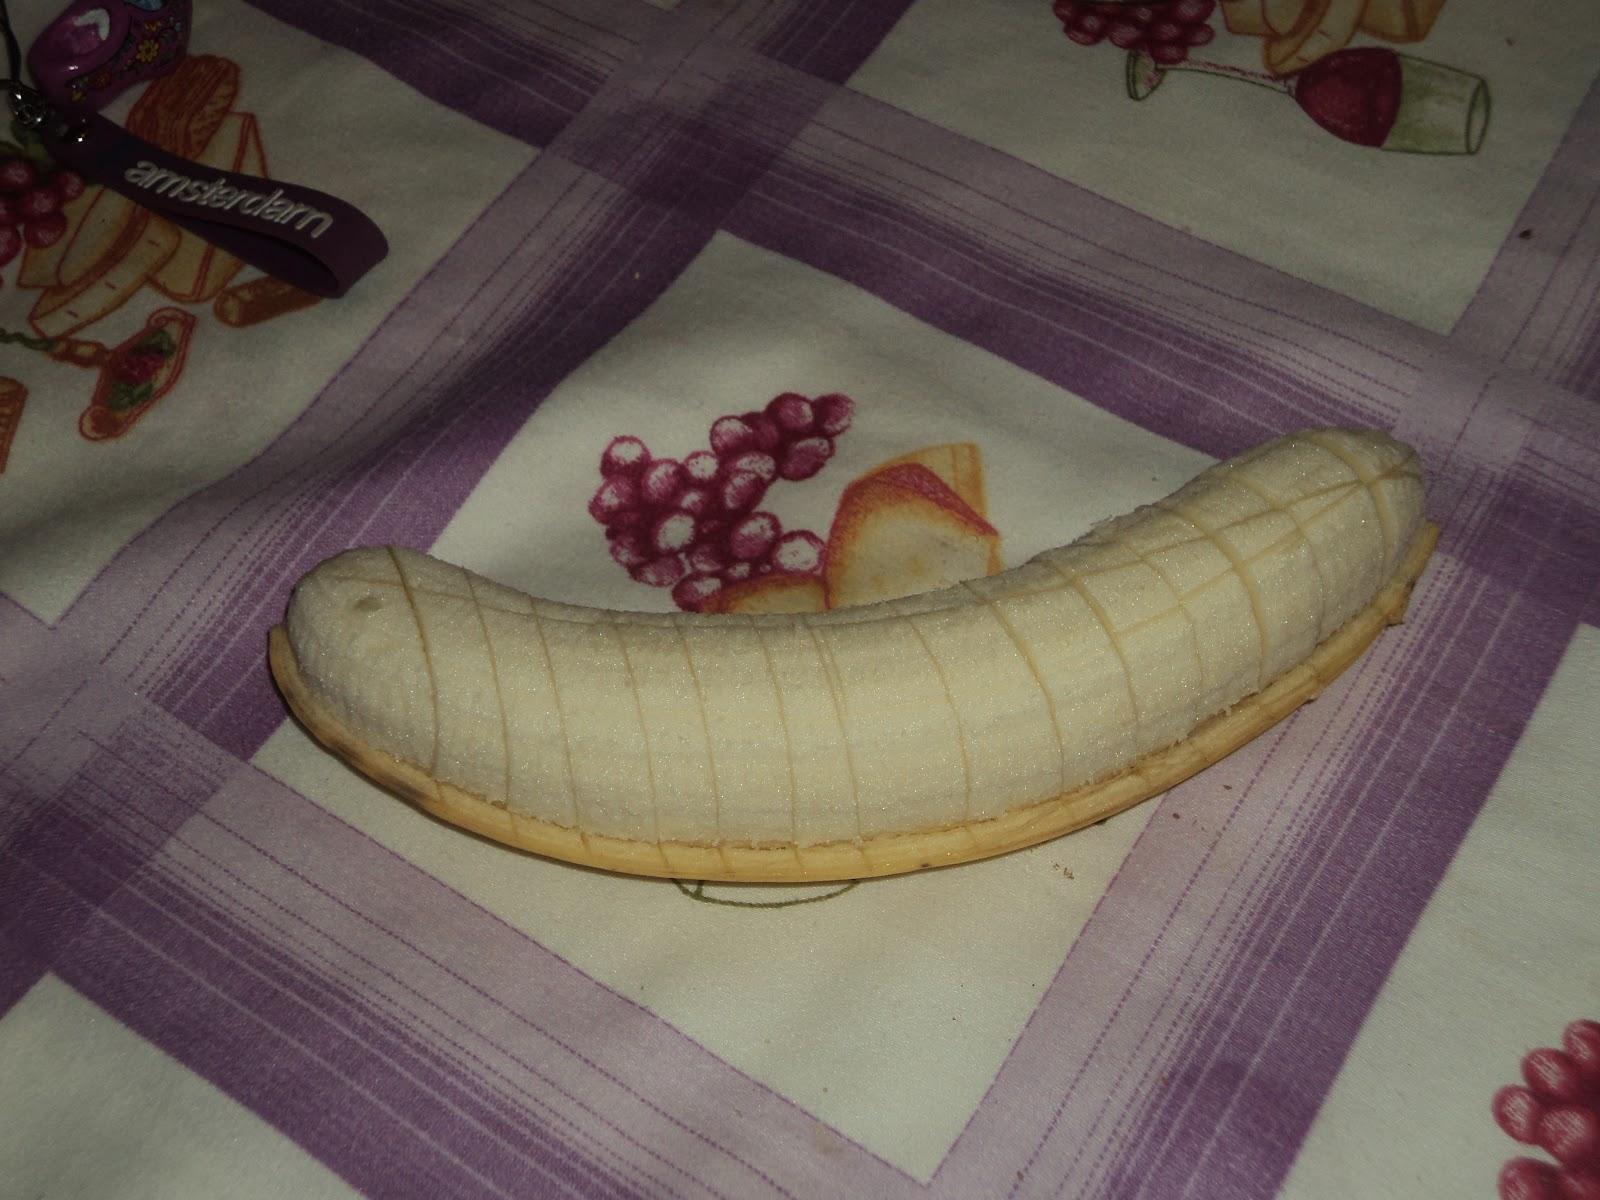 Il diario della dieta rieccomiiiiii stomatite in atto 9 giorno di dieta - Cosa mangiare prima di andare a letto ...